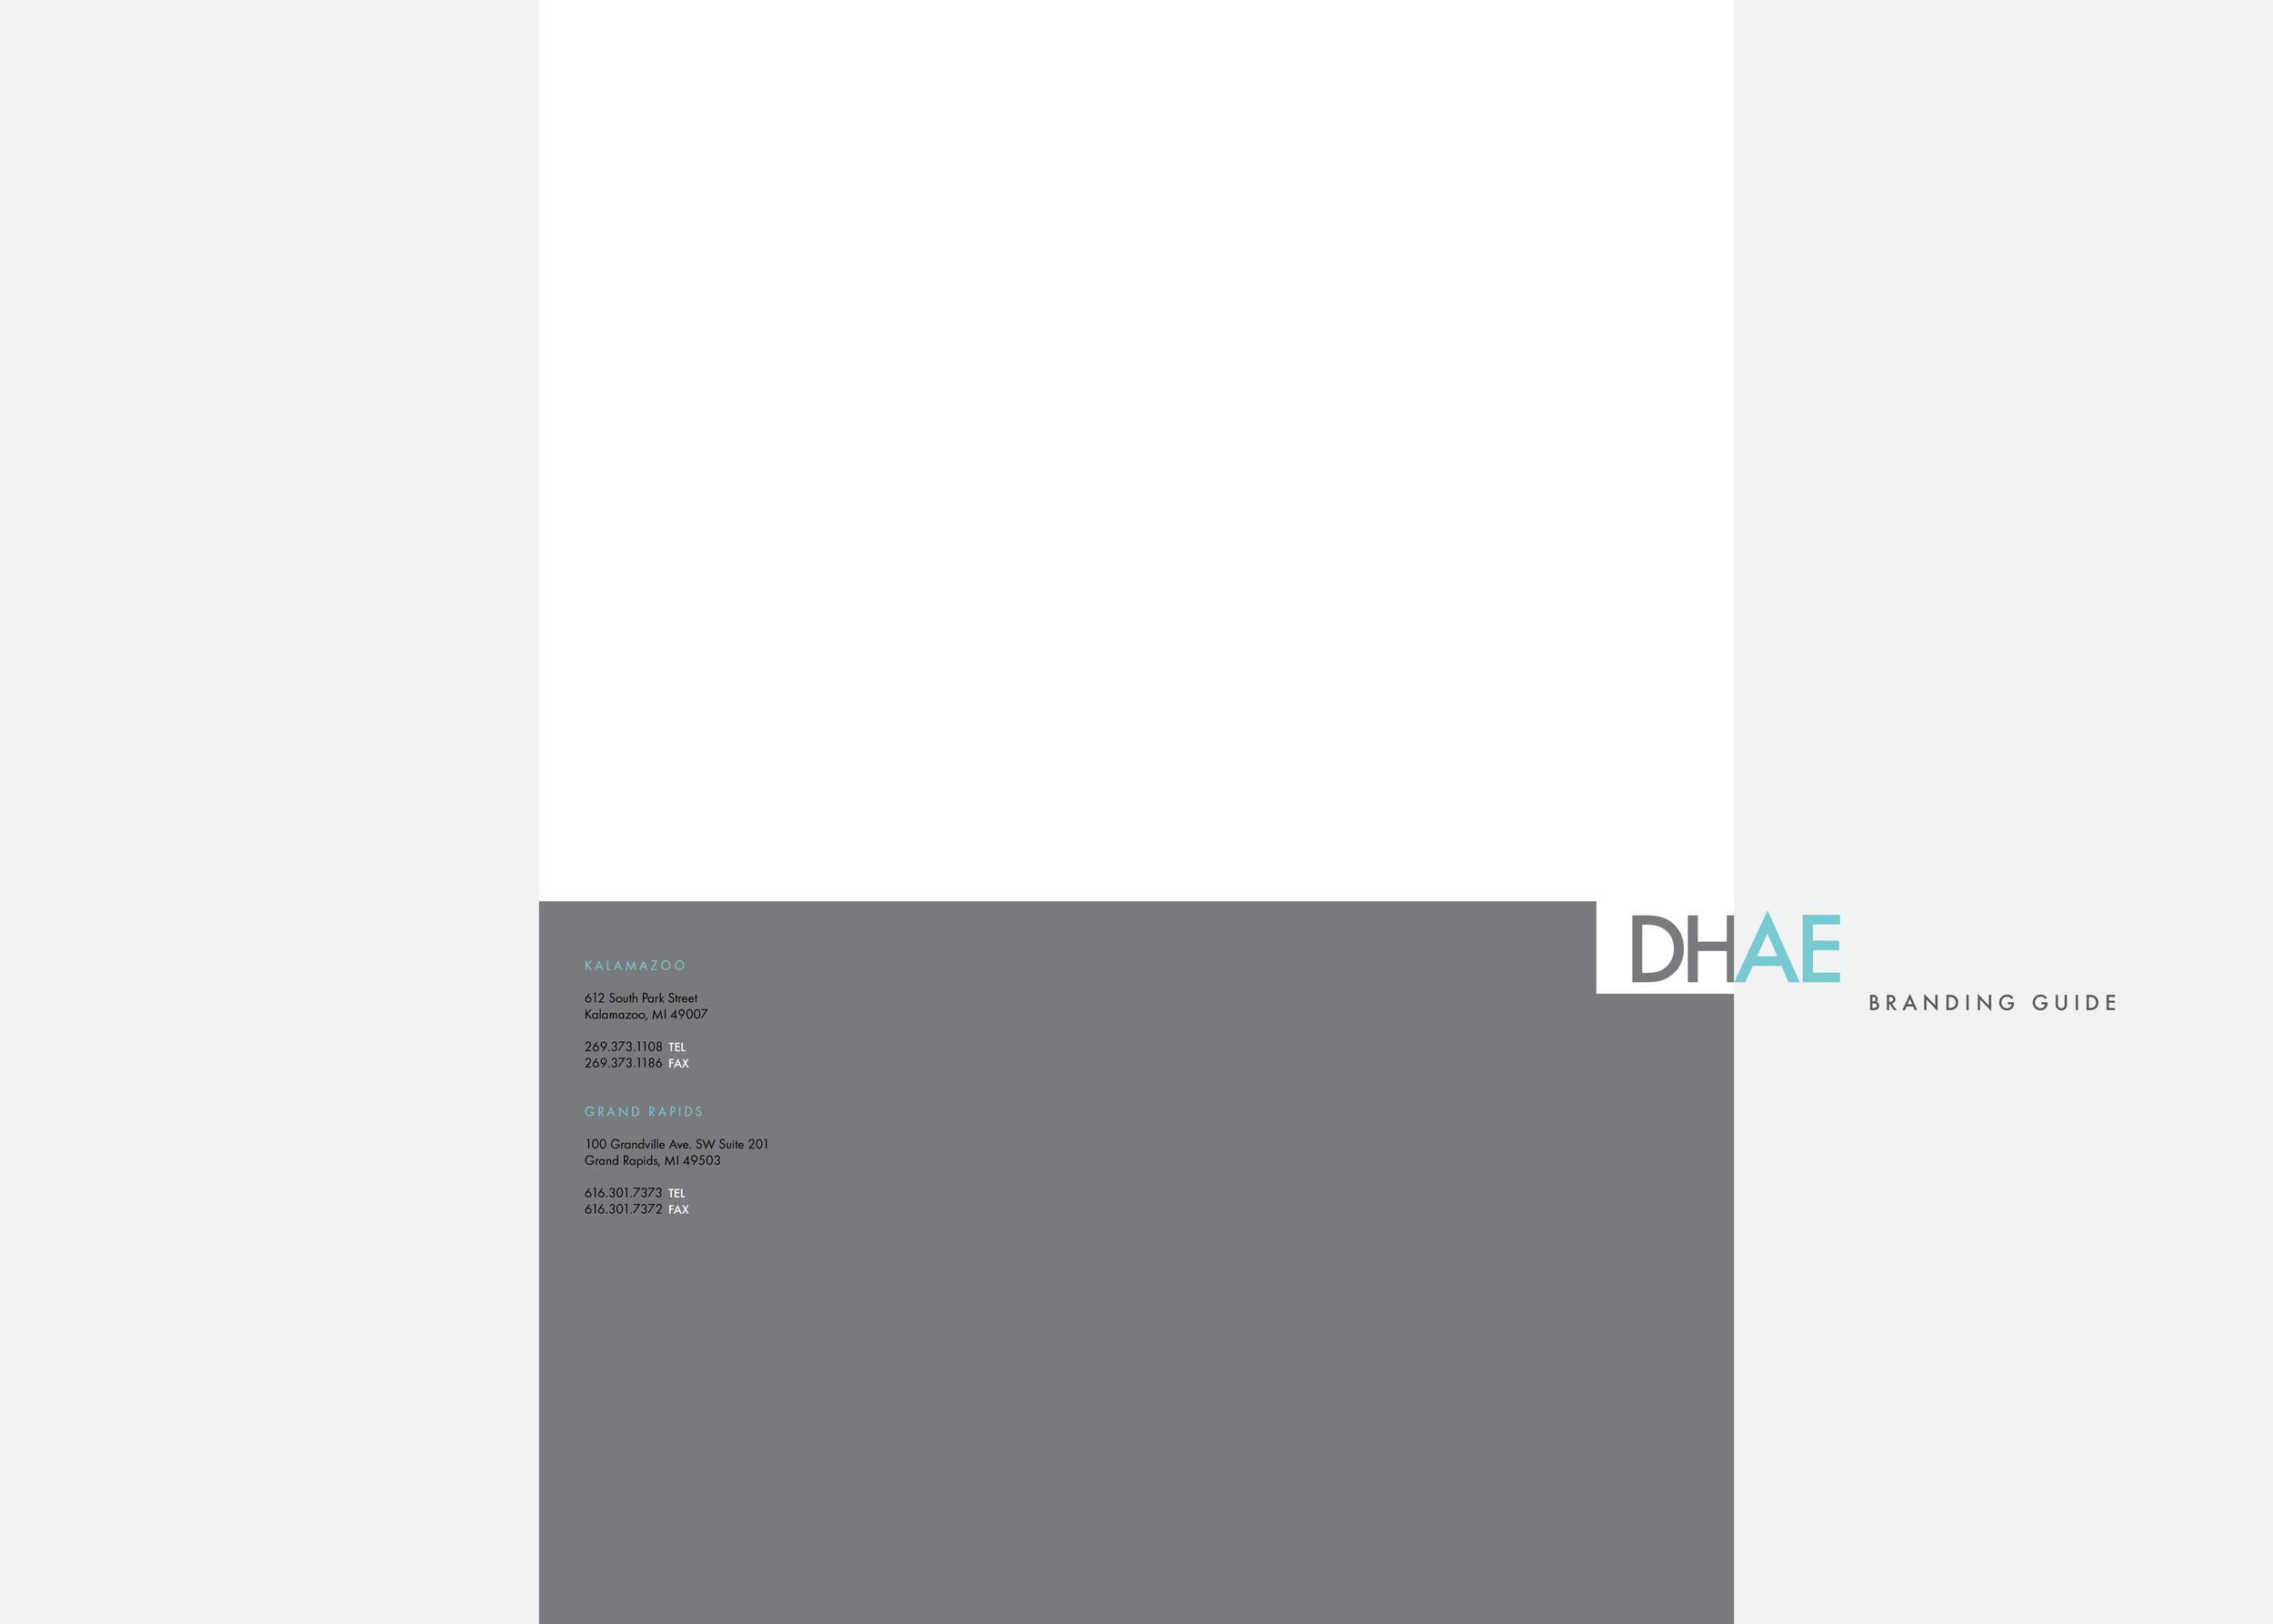 DH_BrandingGuide_2_10.jpg